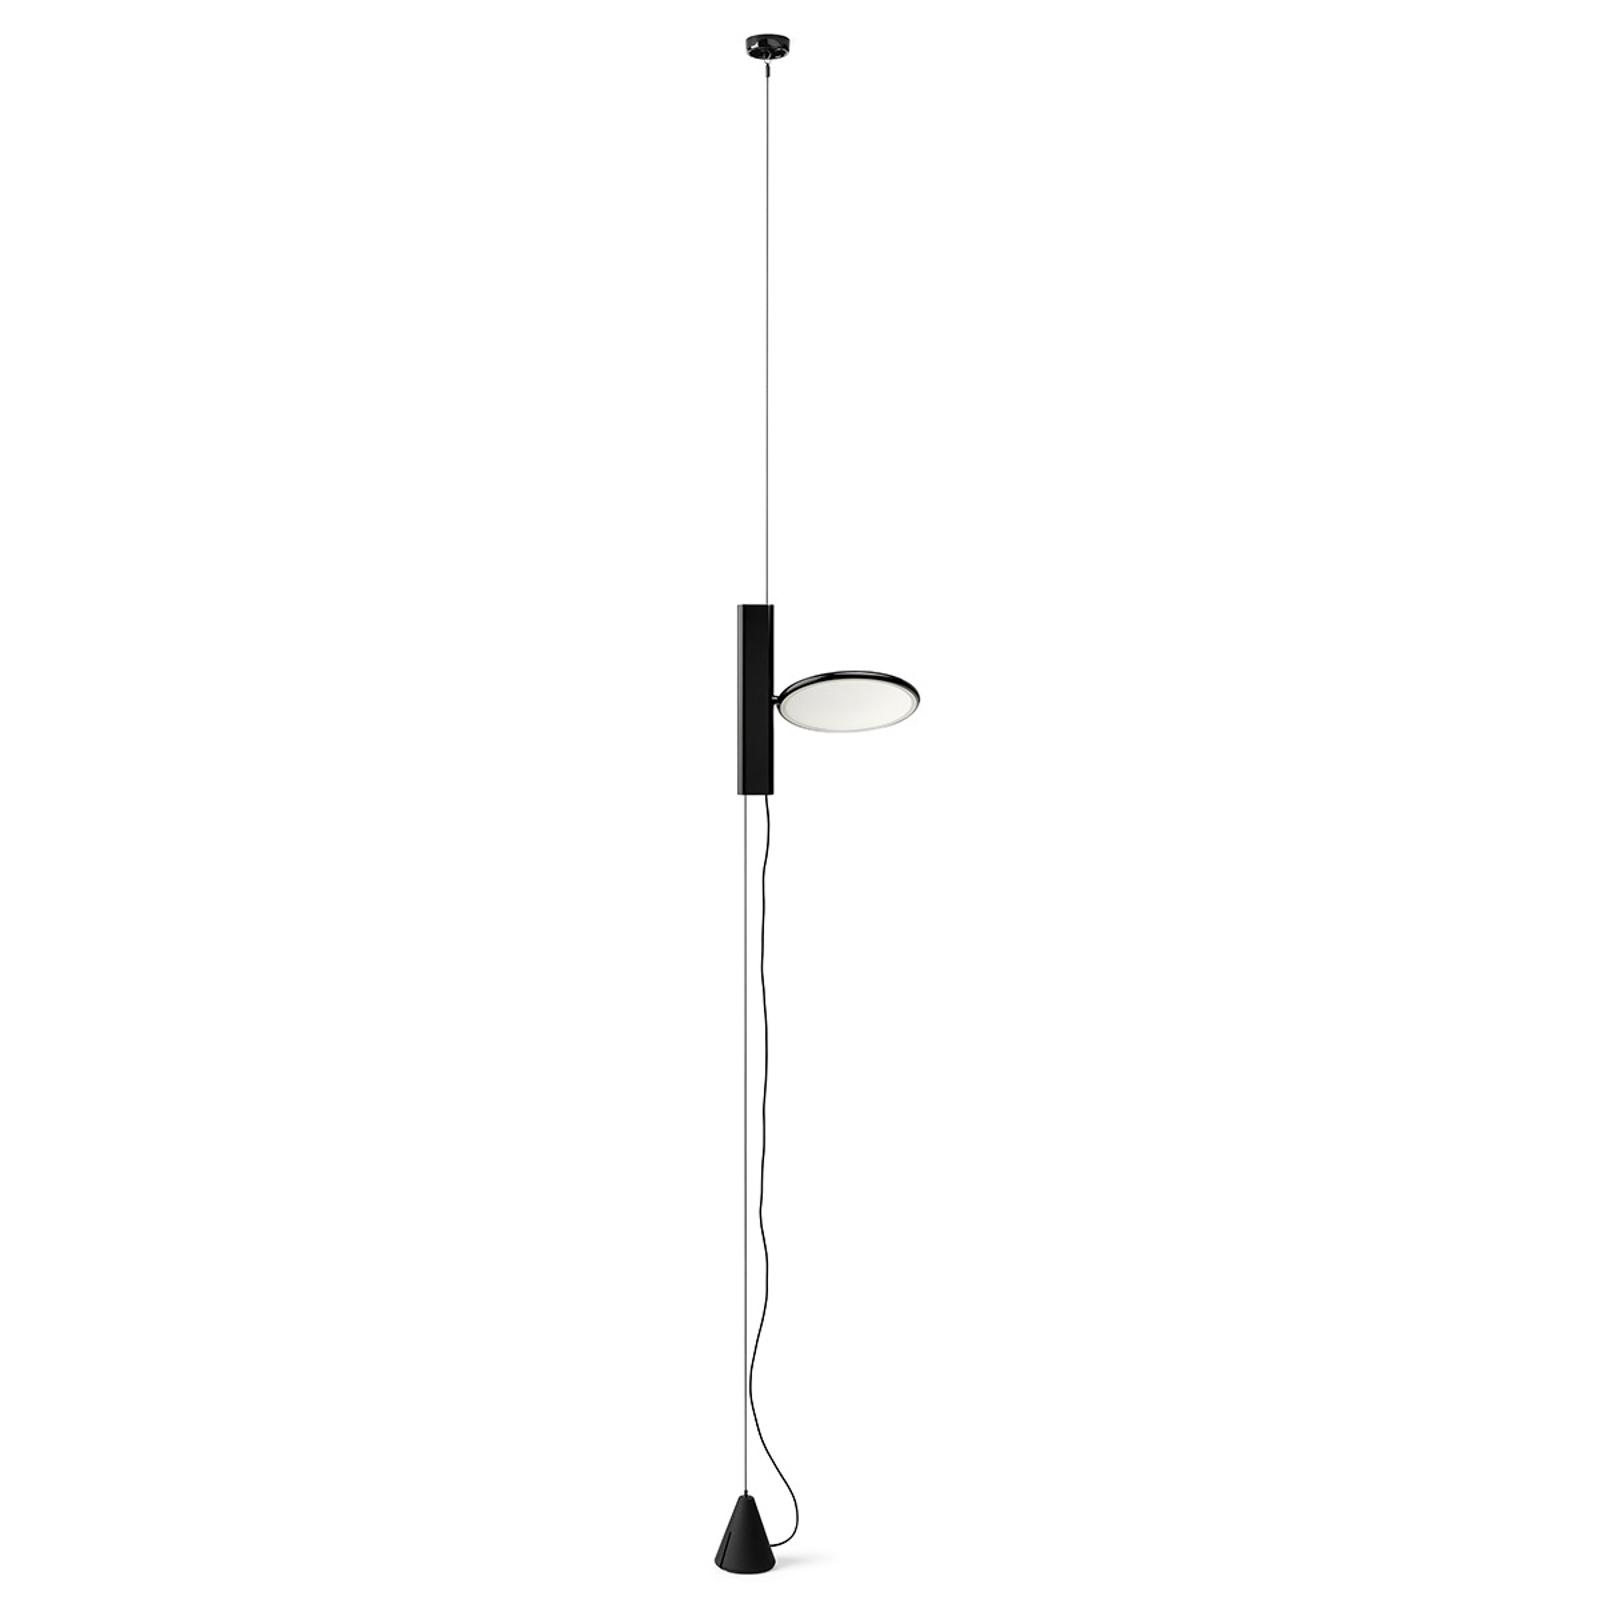 FLOS OK - stehende LED-Hängeleuchte in Schwarz